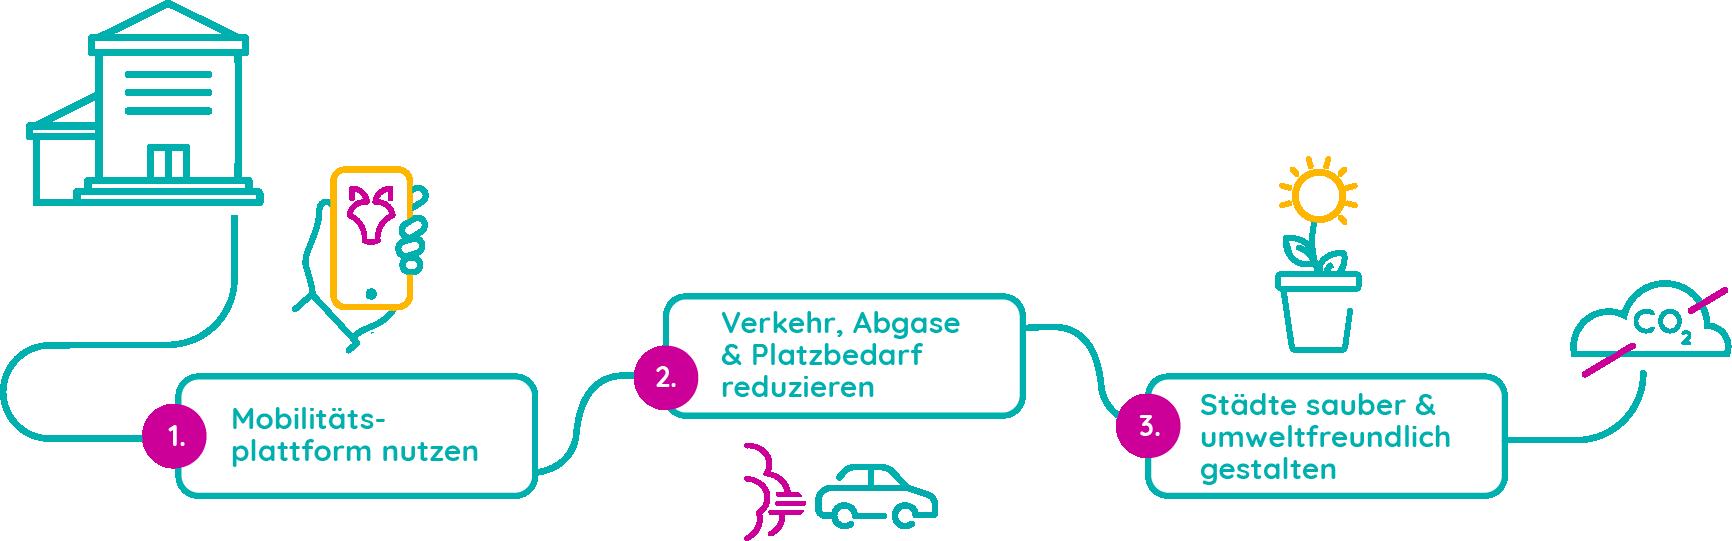 Better Mobility - Mobilitätstreiber - Die Stadt